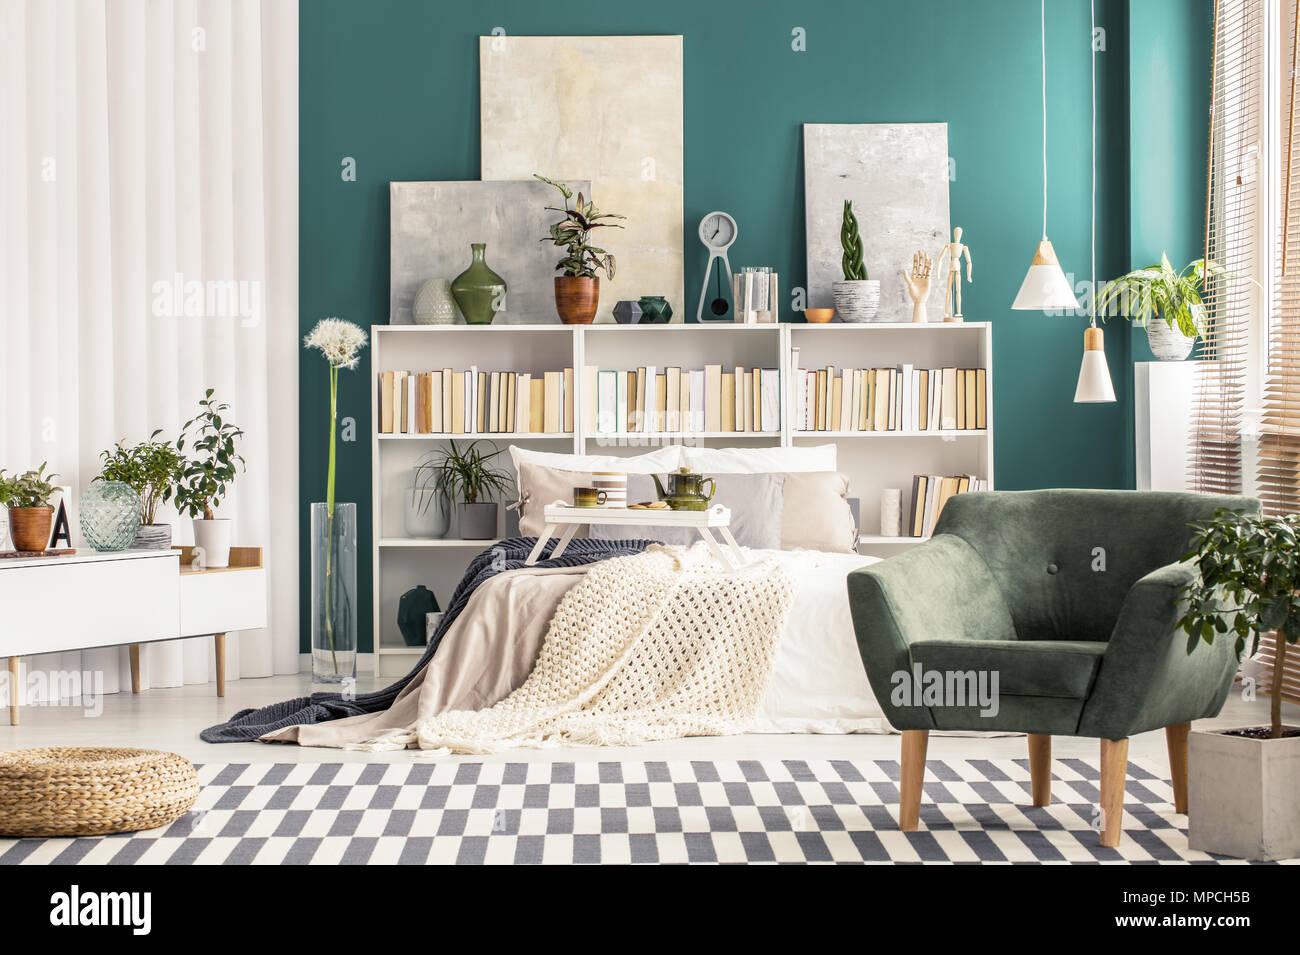 Gemutliches Schlafzimmer Einrichtung Mit Weissen Skandinavischen